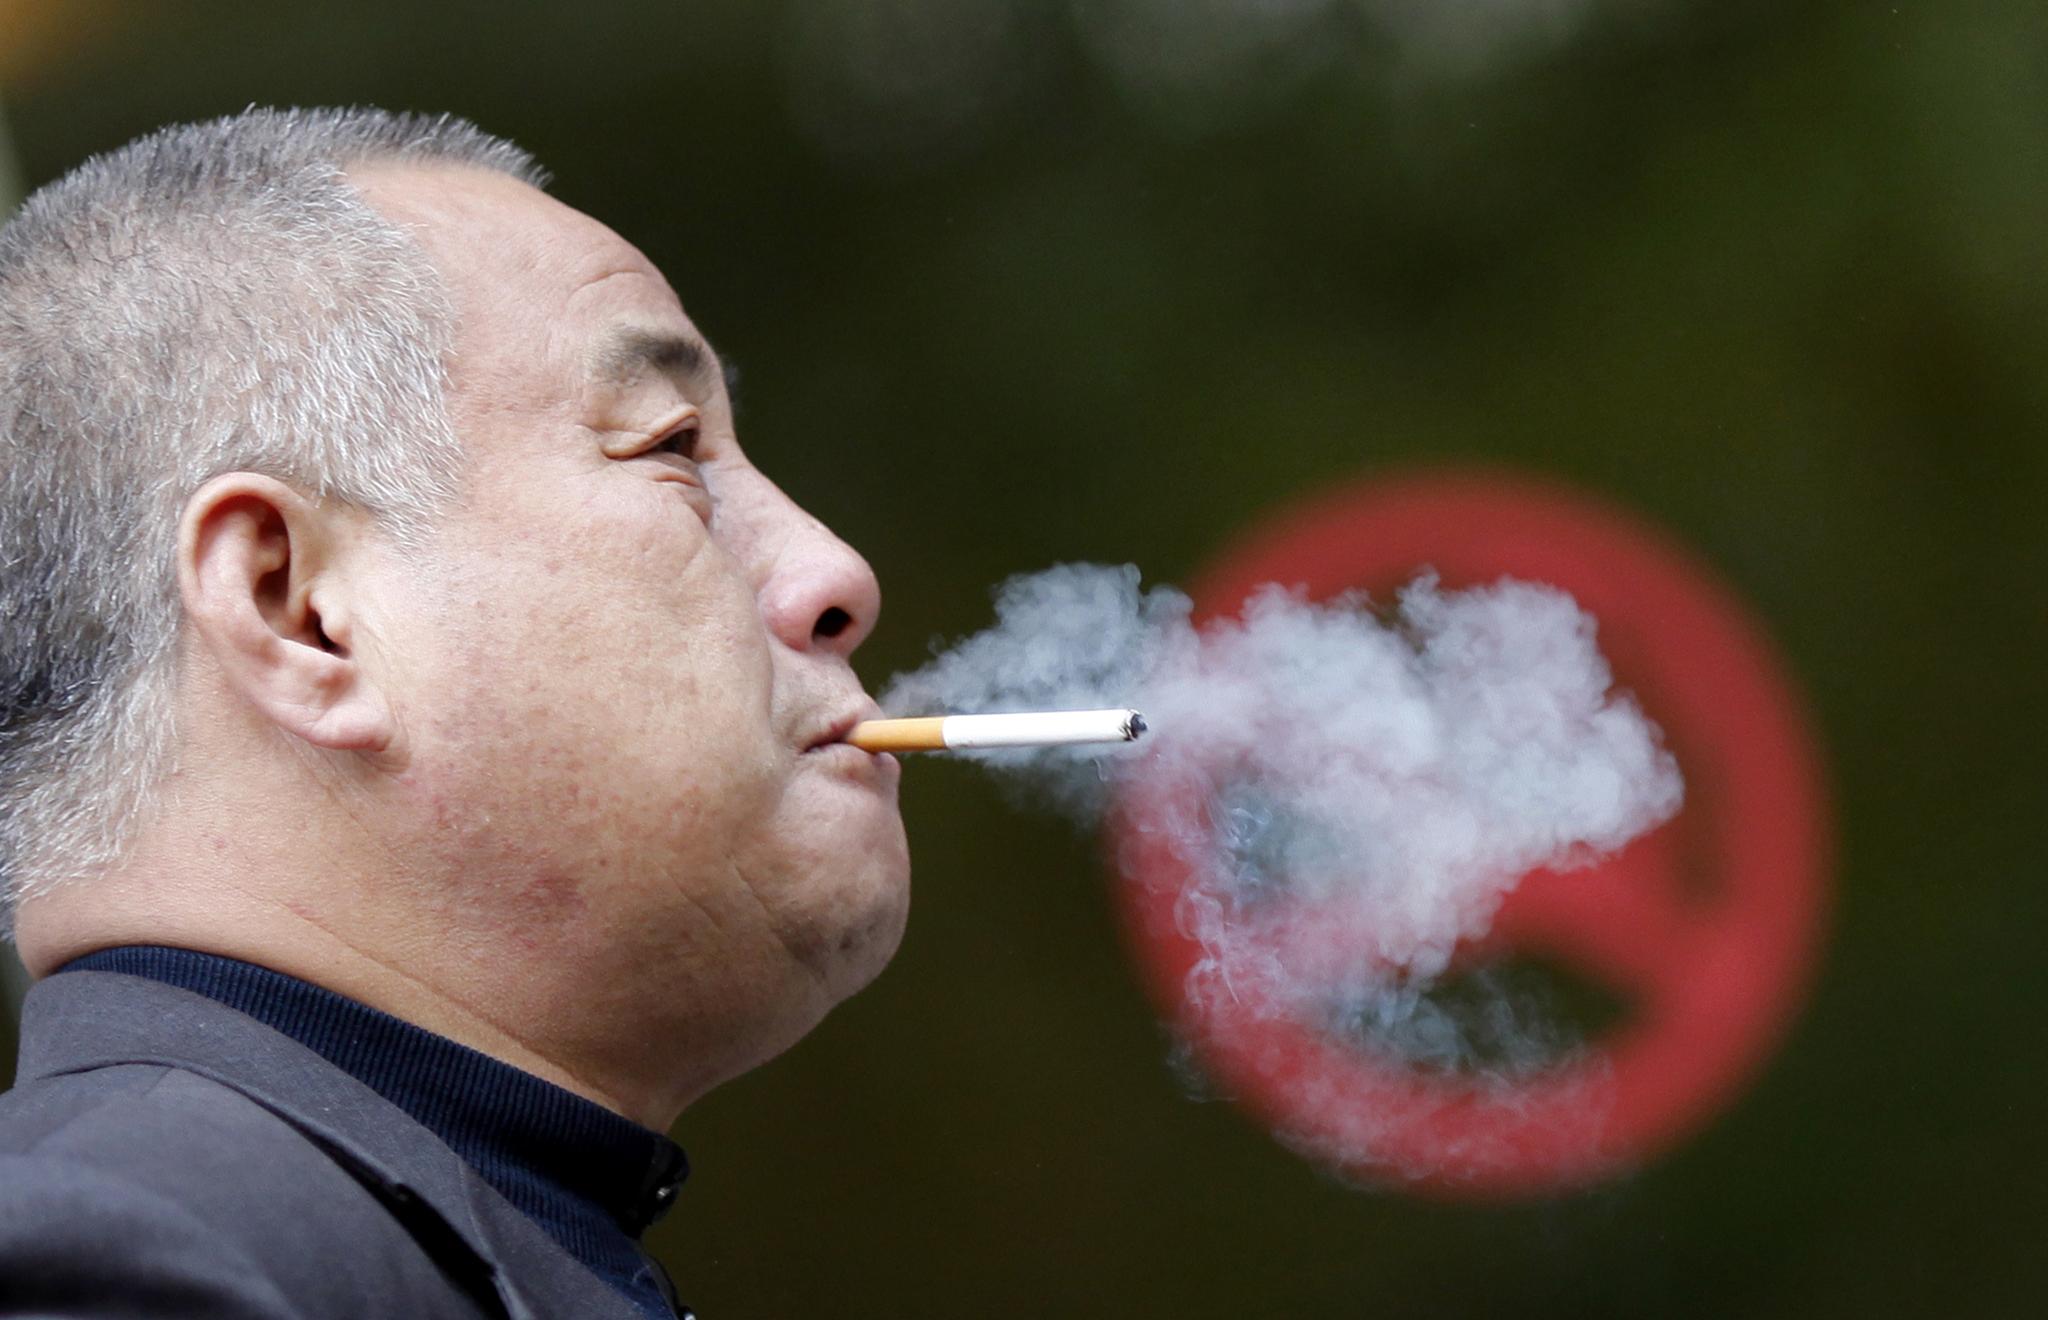 """Serviços de Saúde dizem que controlo do tabagismo está a """"amadurecer"""""""